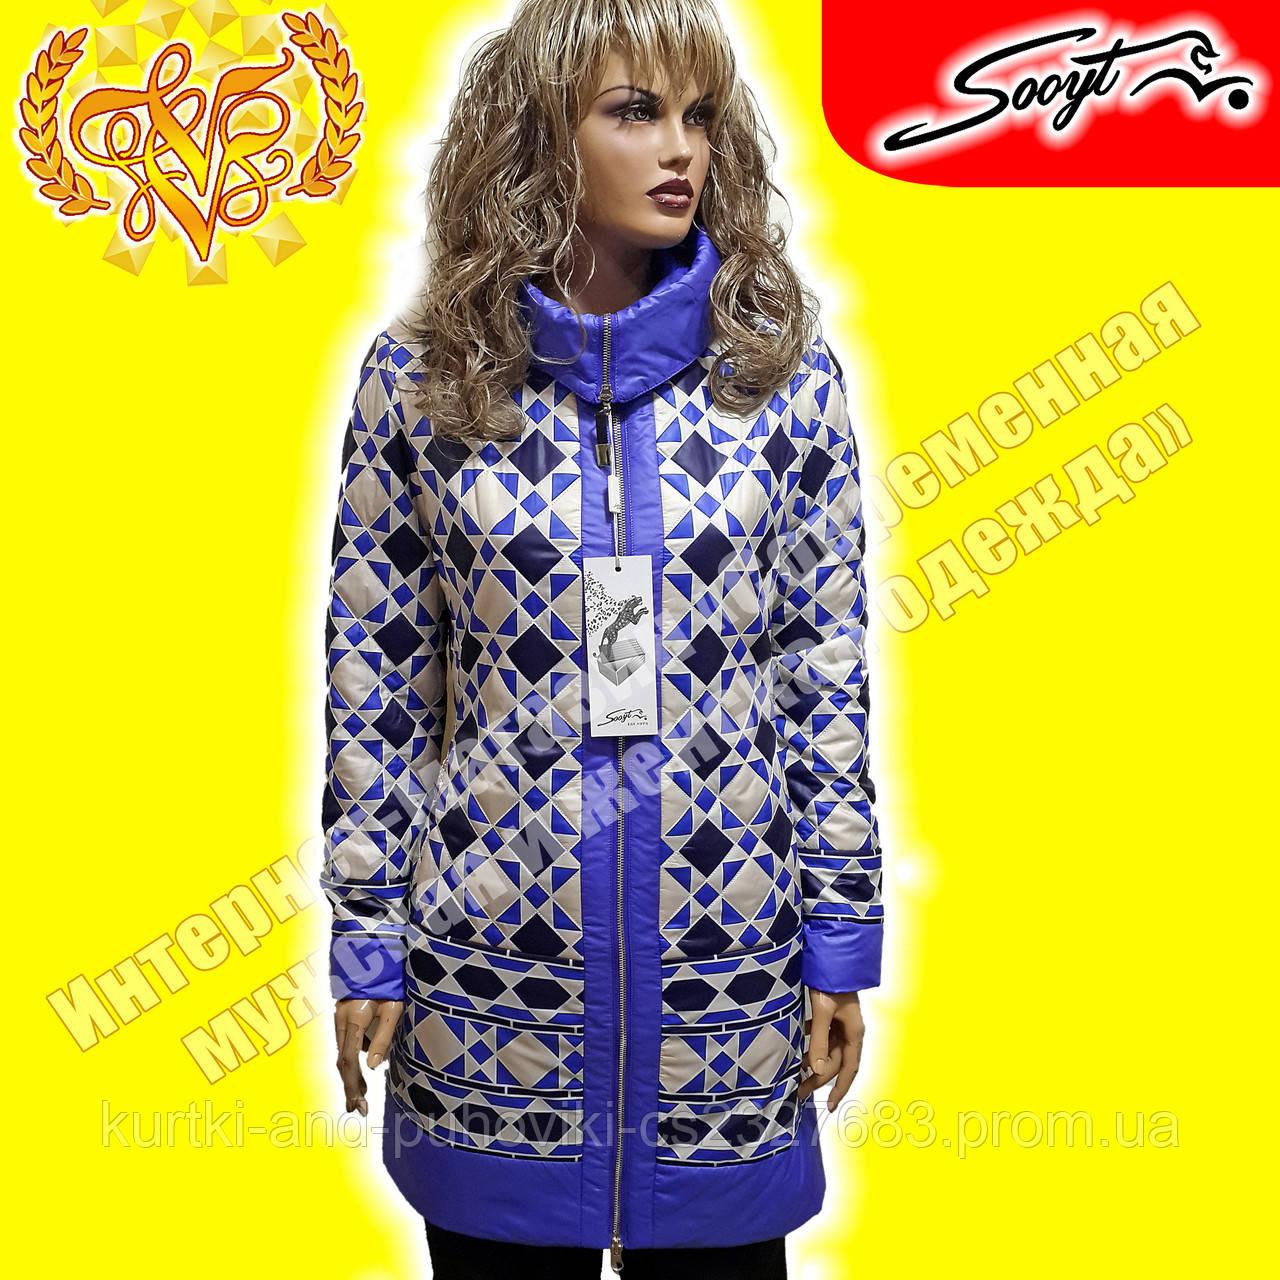 e0e6edcd4ec Женские демисезонные куртки - Интернет-магазин «Современная мужская и  женская одежда» в Черновцах